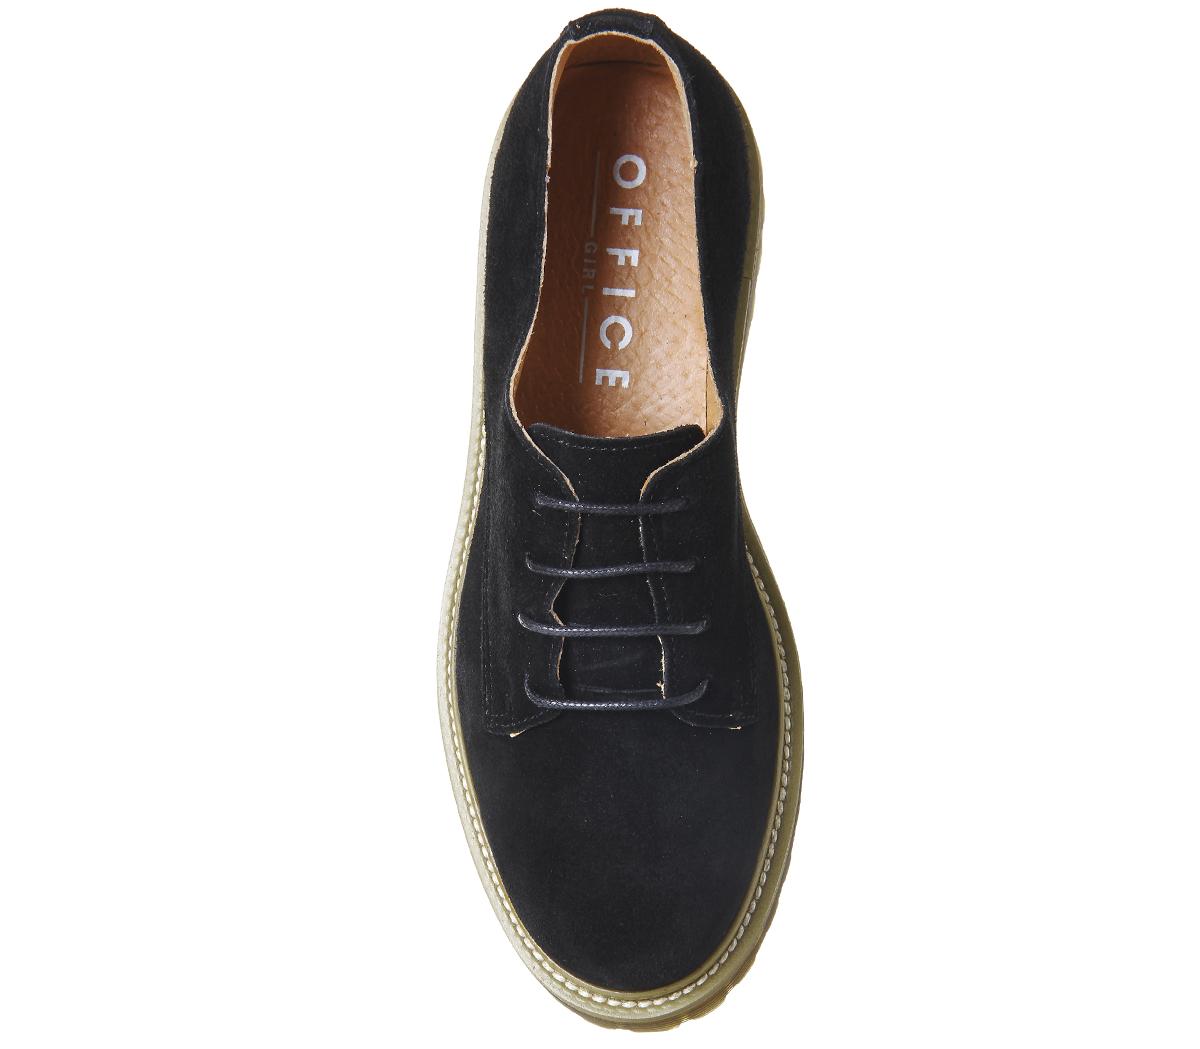 Damenschuhe Damenschuhe Damenschuhe Office Force Lace Up Flats BLACK SUEDE Flats c5c827